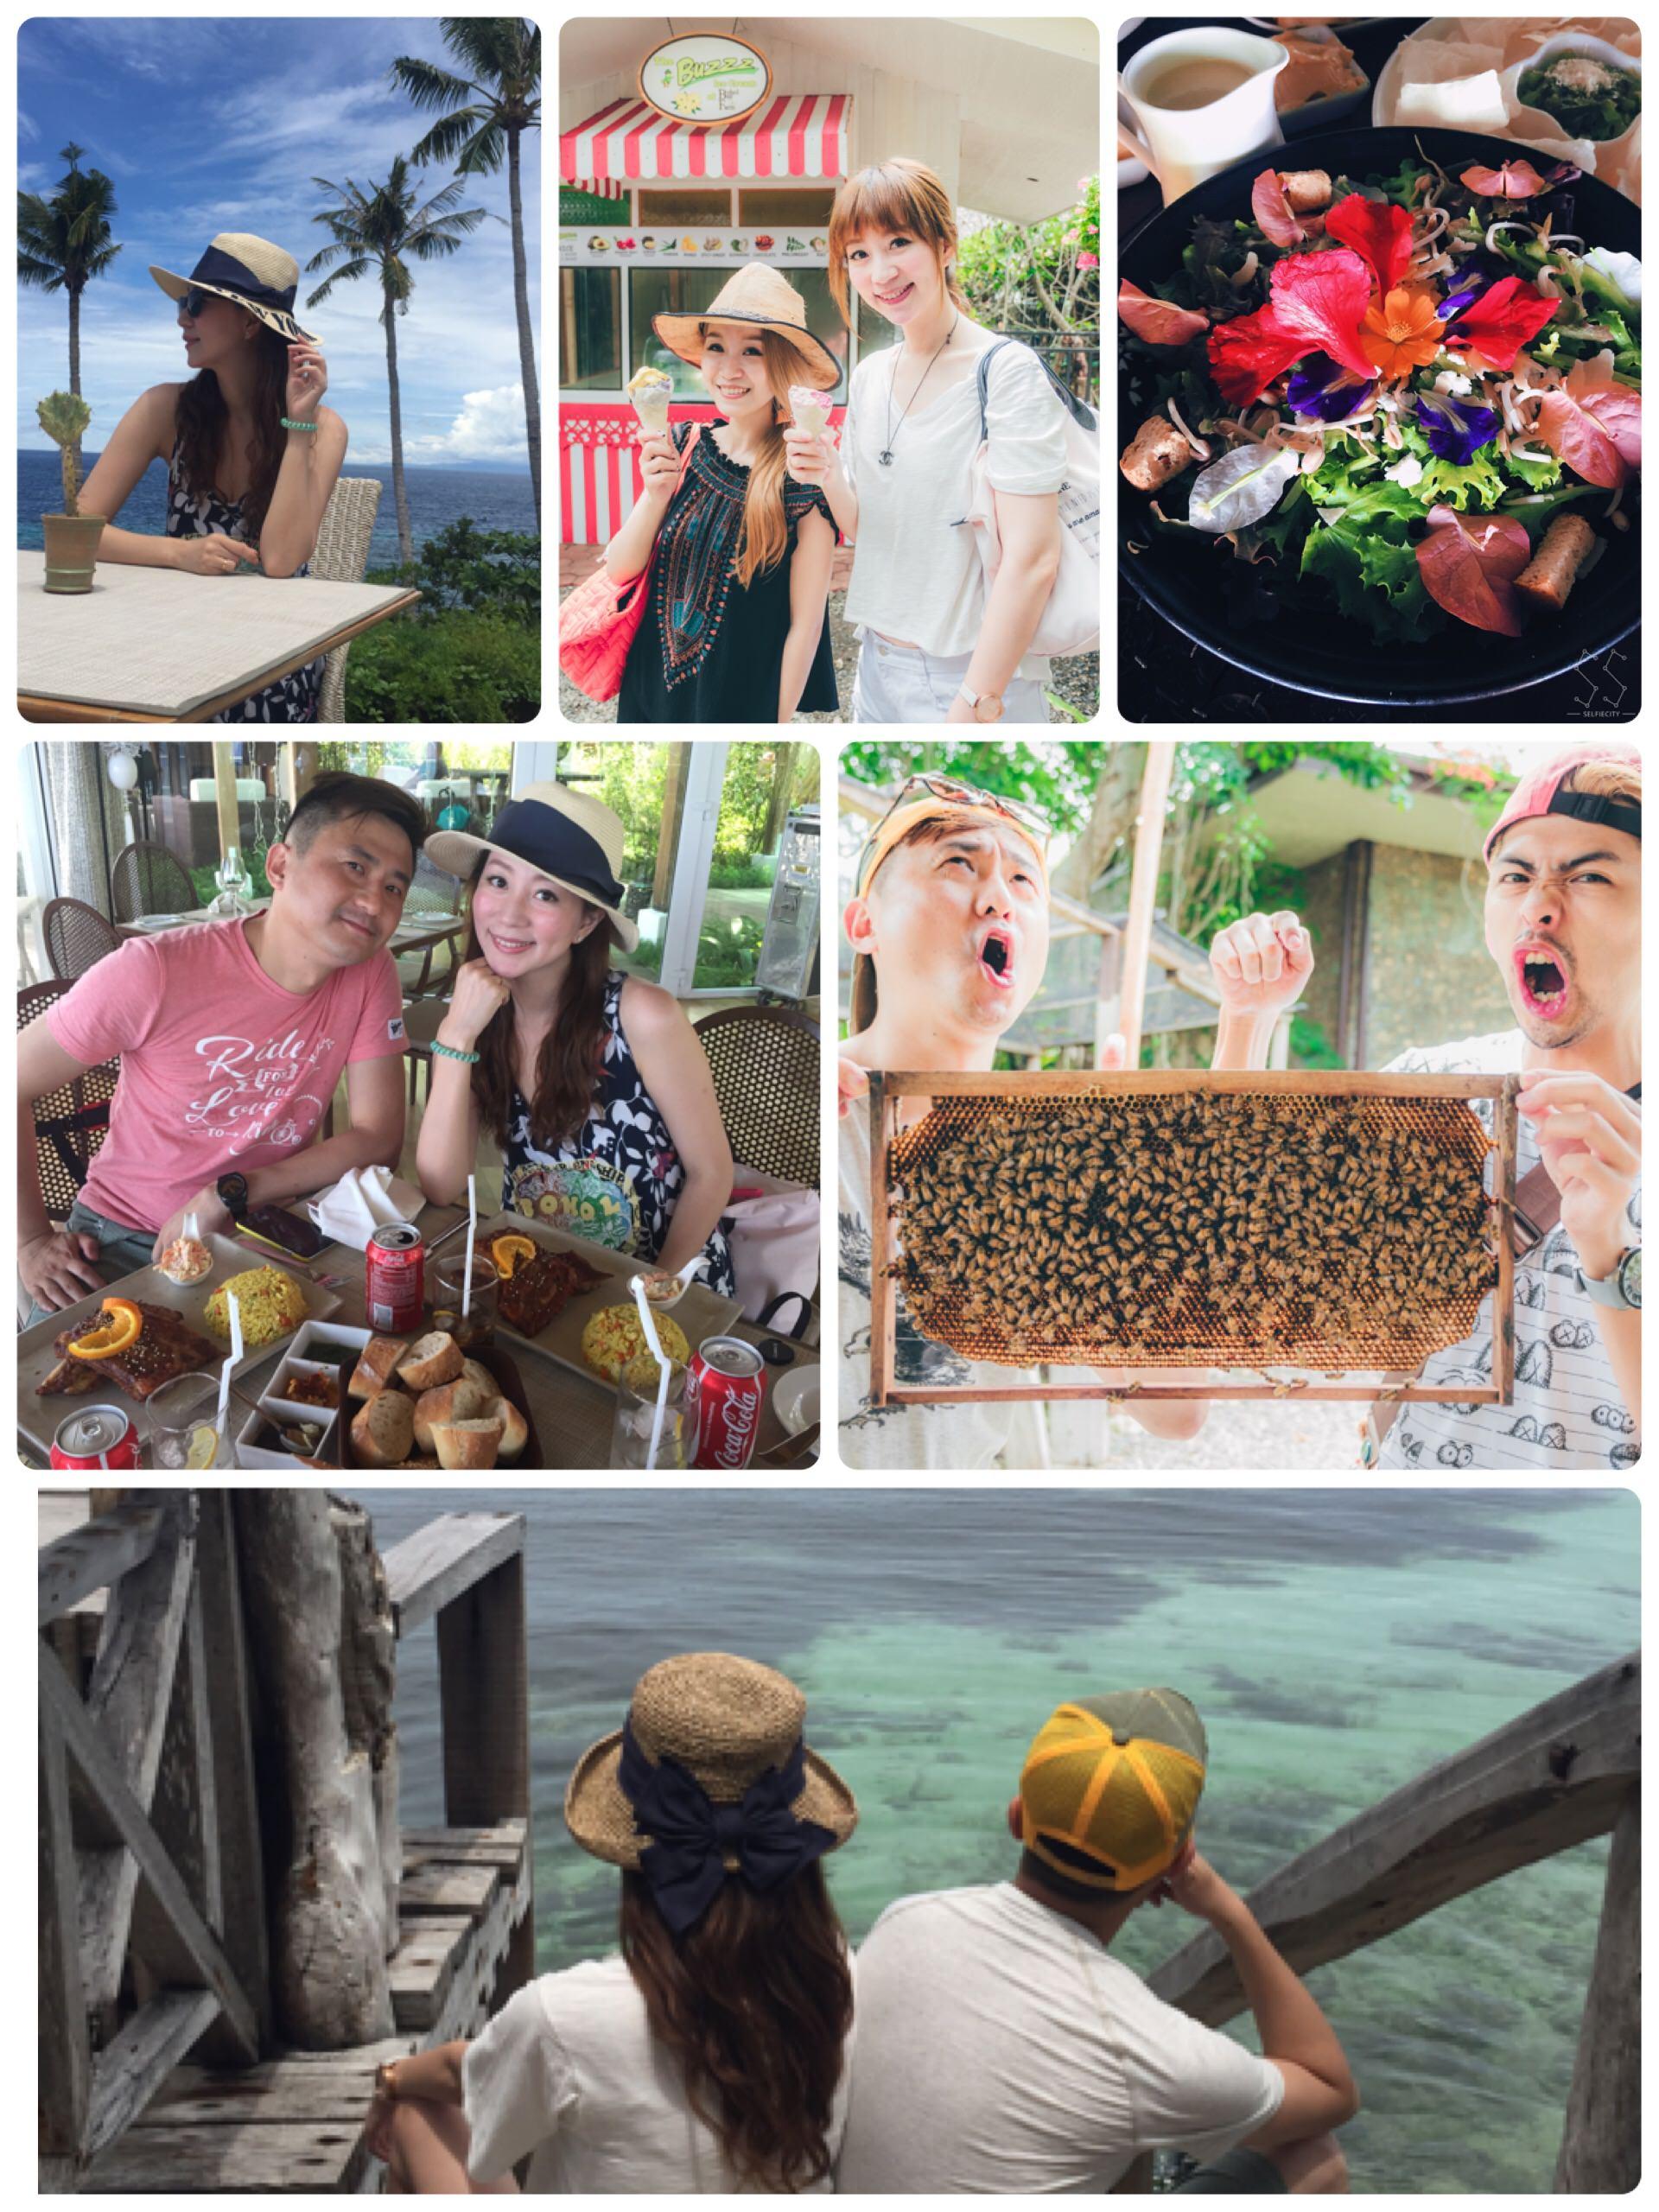 薄荷島人氣必訪餐廳推薦『眼鏡猴餐廳 TARSIER PAPRIKA』『蜜蜂農場Bohol Bee Farm』♥